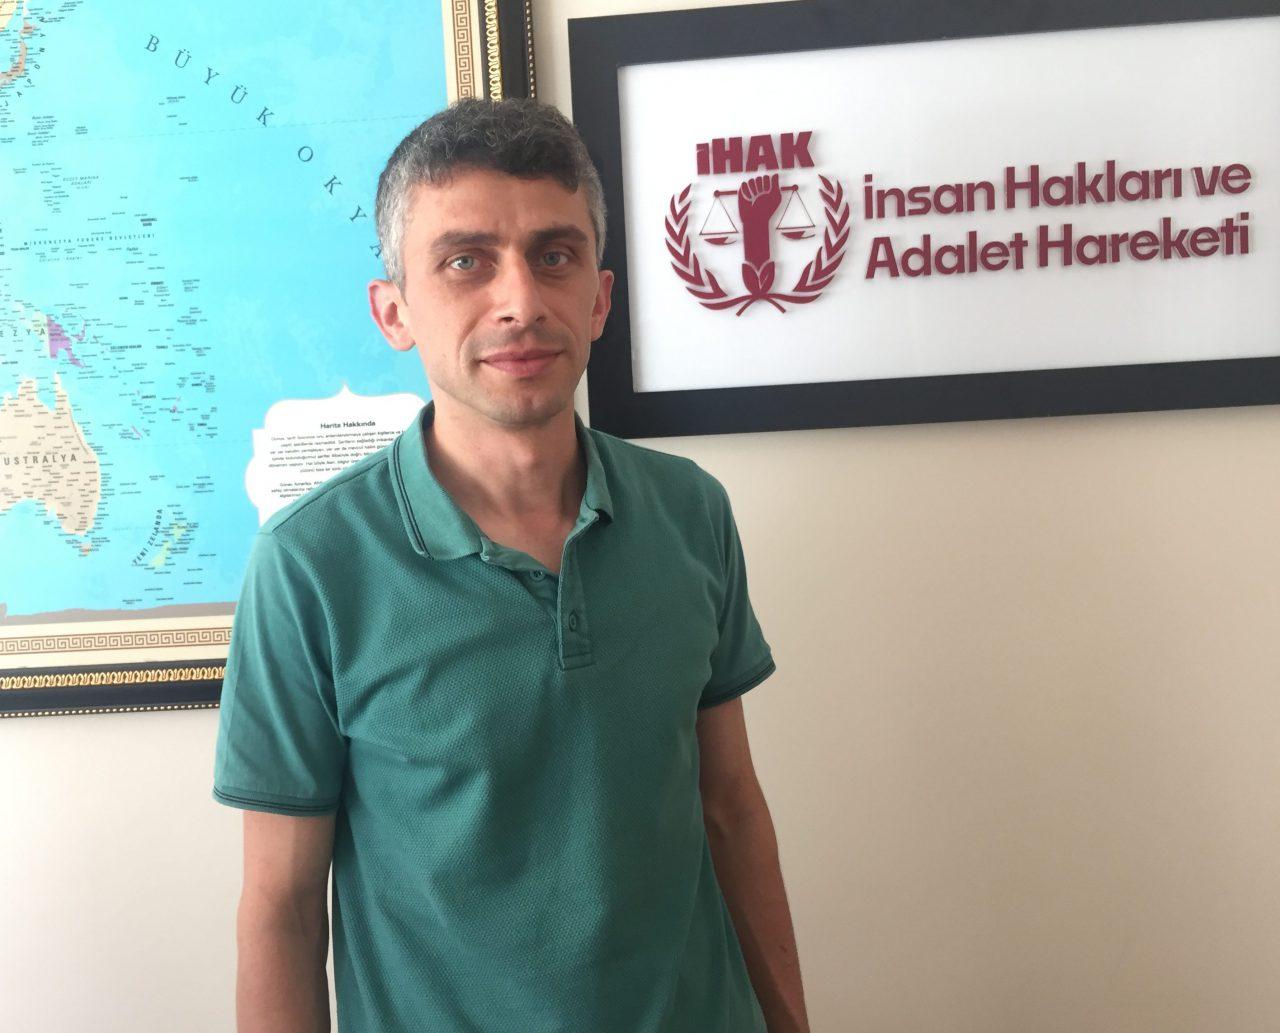 İHAK  Genel Sekreteri Ahmet Zeki Olaş: Siyasi Eleştiriler İlkesel Tutumumuzu Değiştirmez